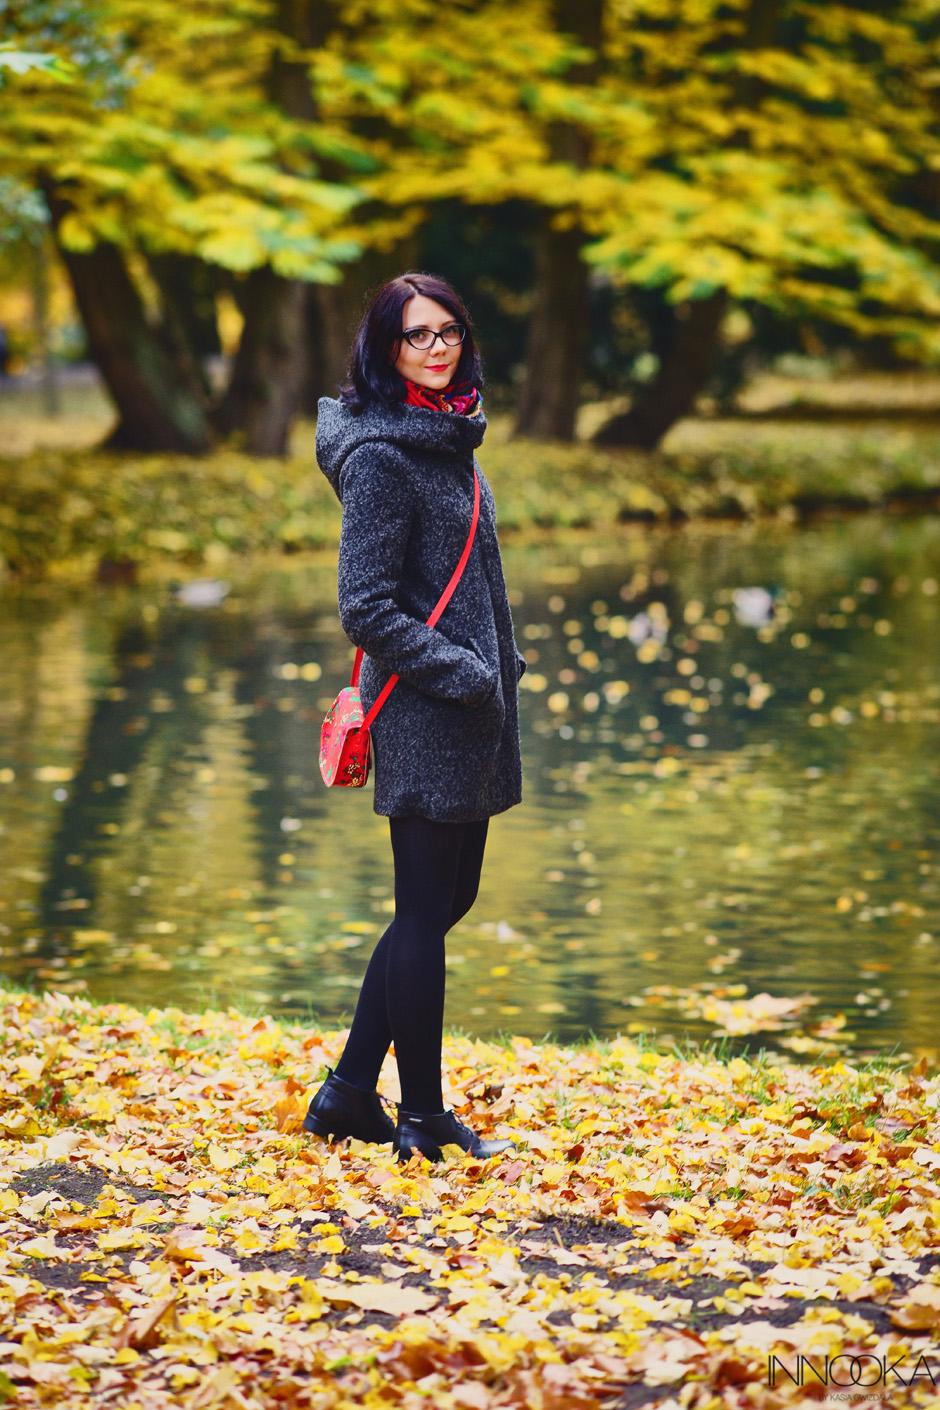 Jesienna stylizacja 2015 blog innooka moda jesień (21)